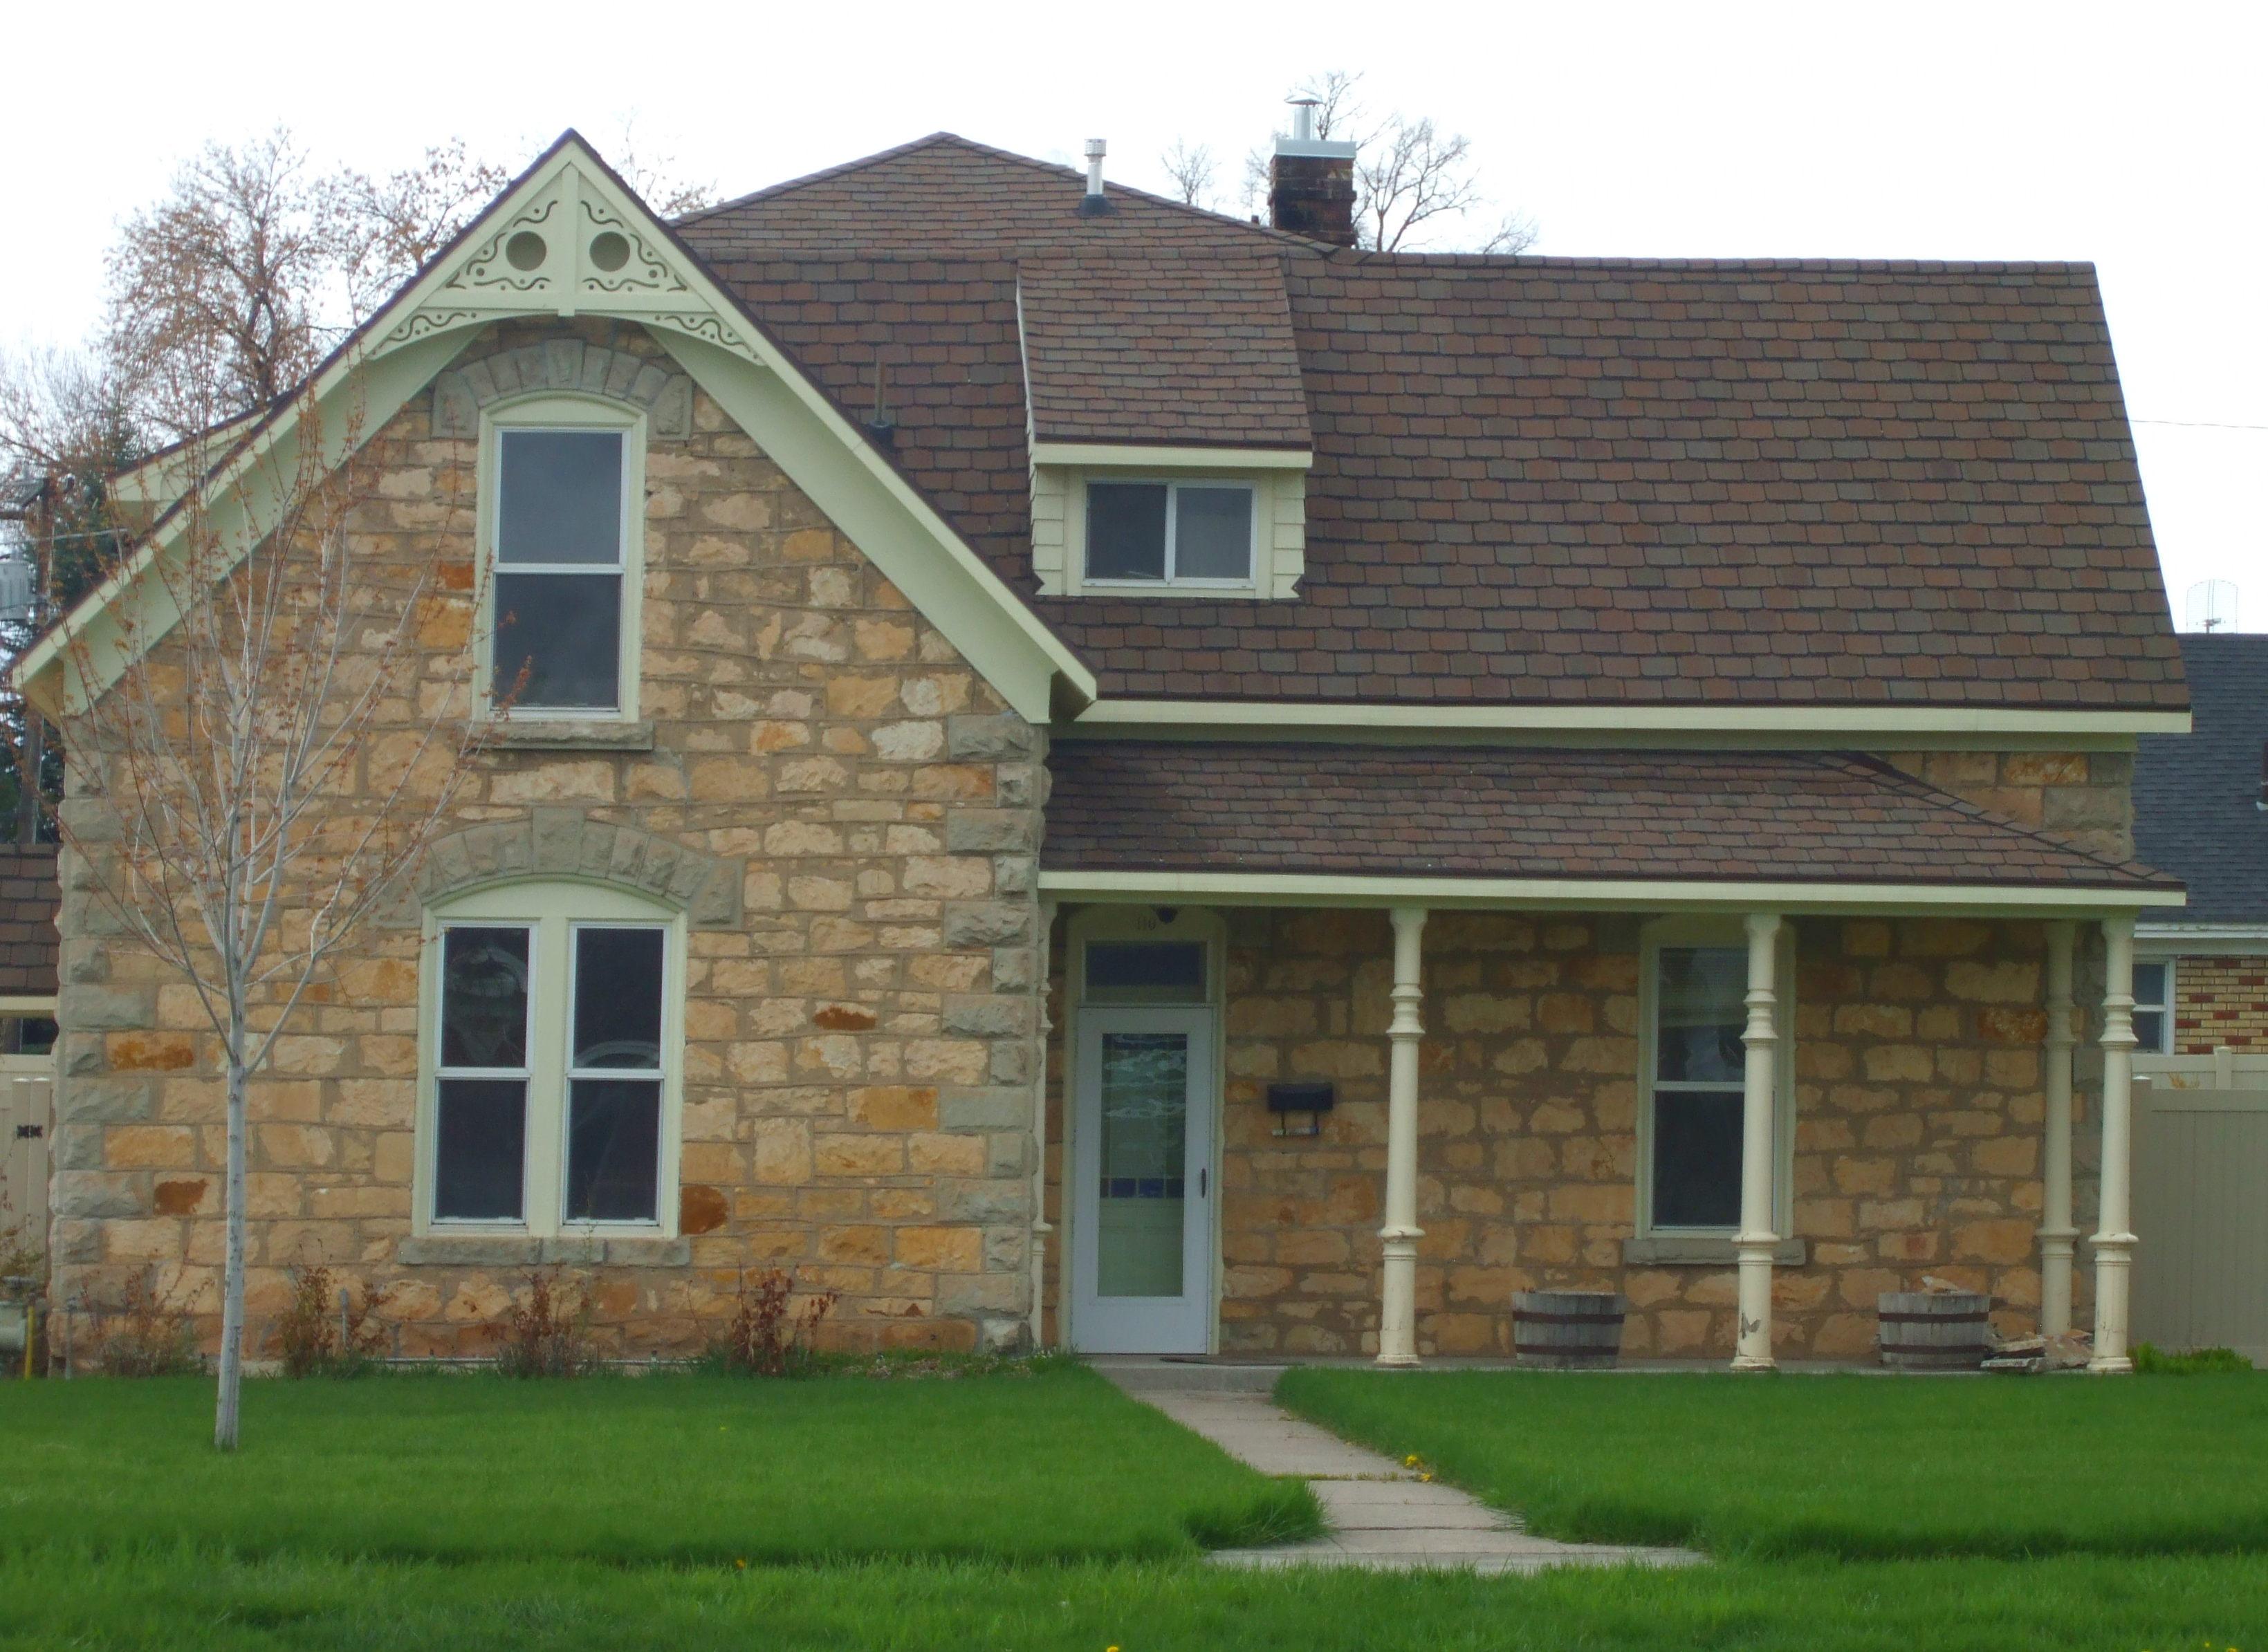 file cowley house preston wikimedia commons